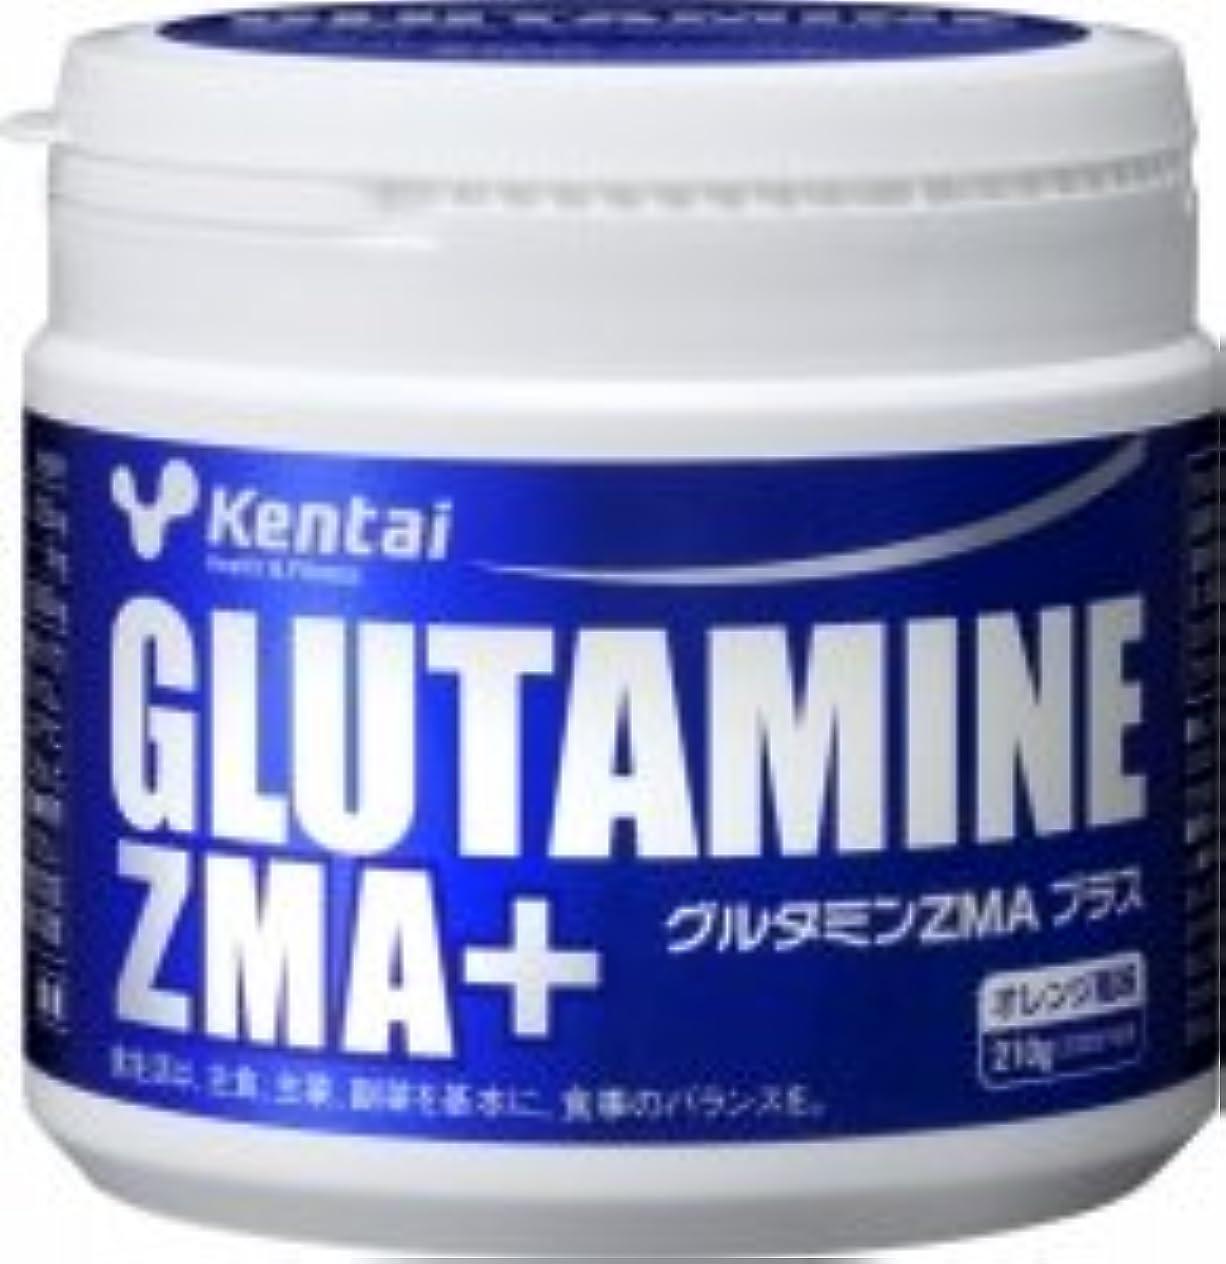 スキャンダラス強制的販売計画【健康体力研究所 (Kentai)】 グルタミンZMAプラス 210g